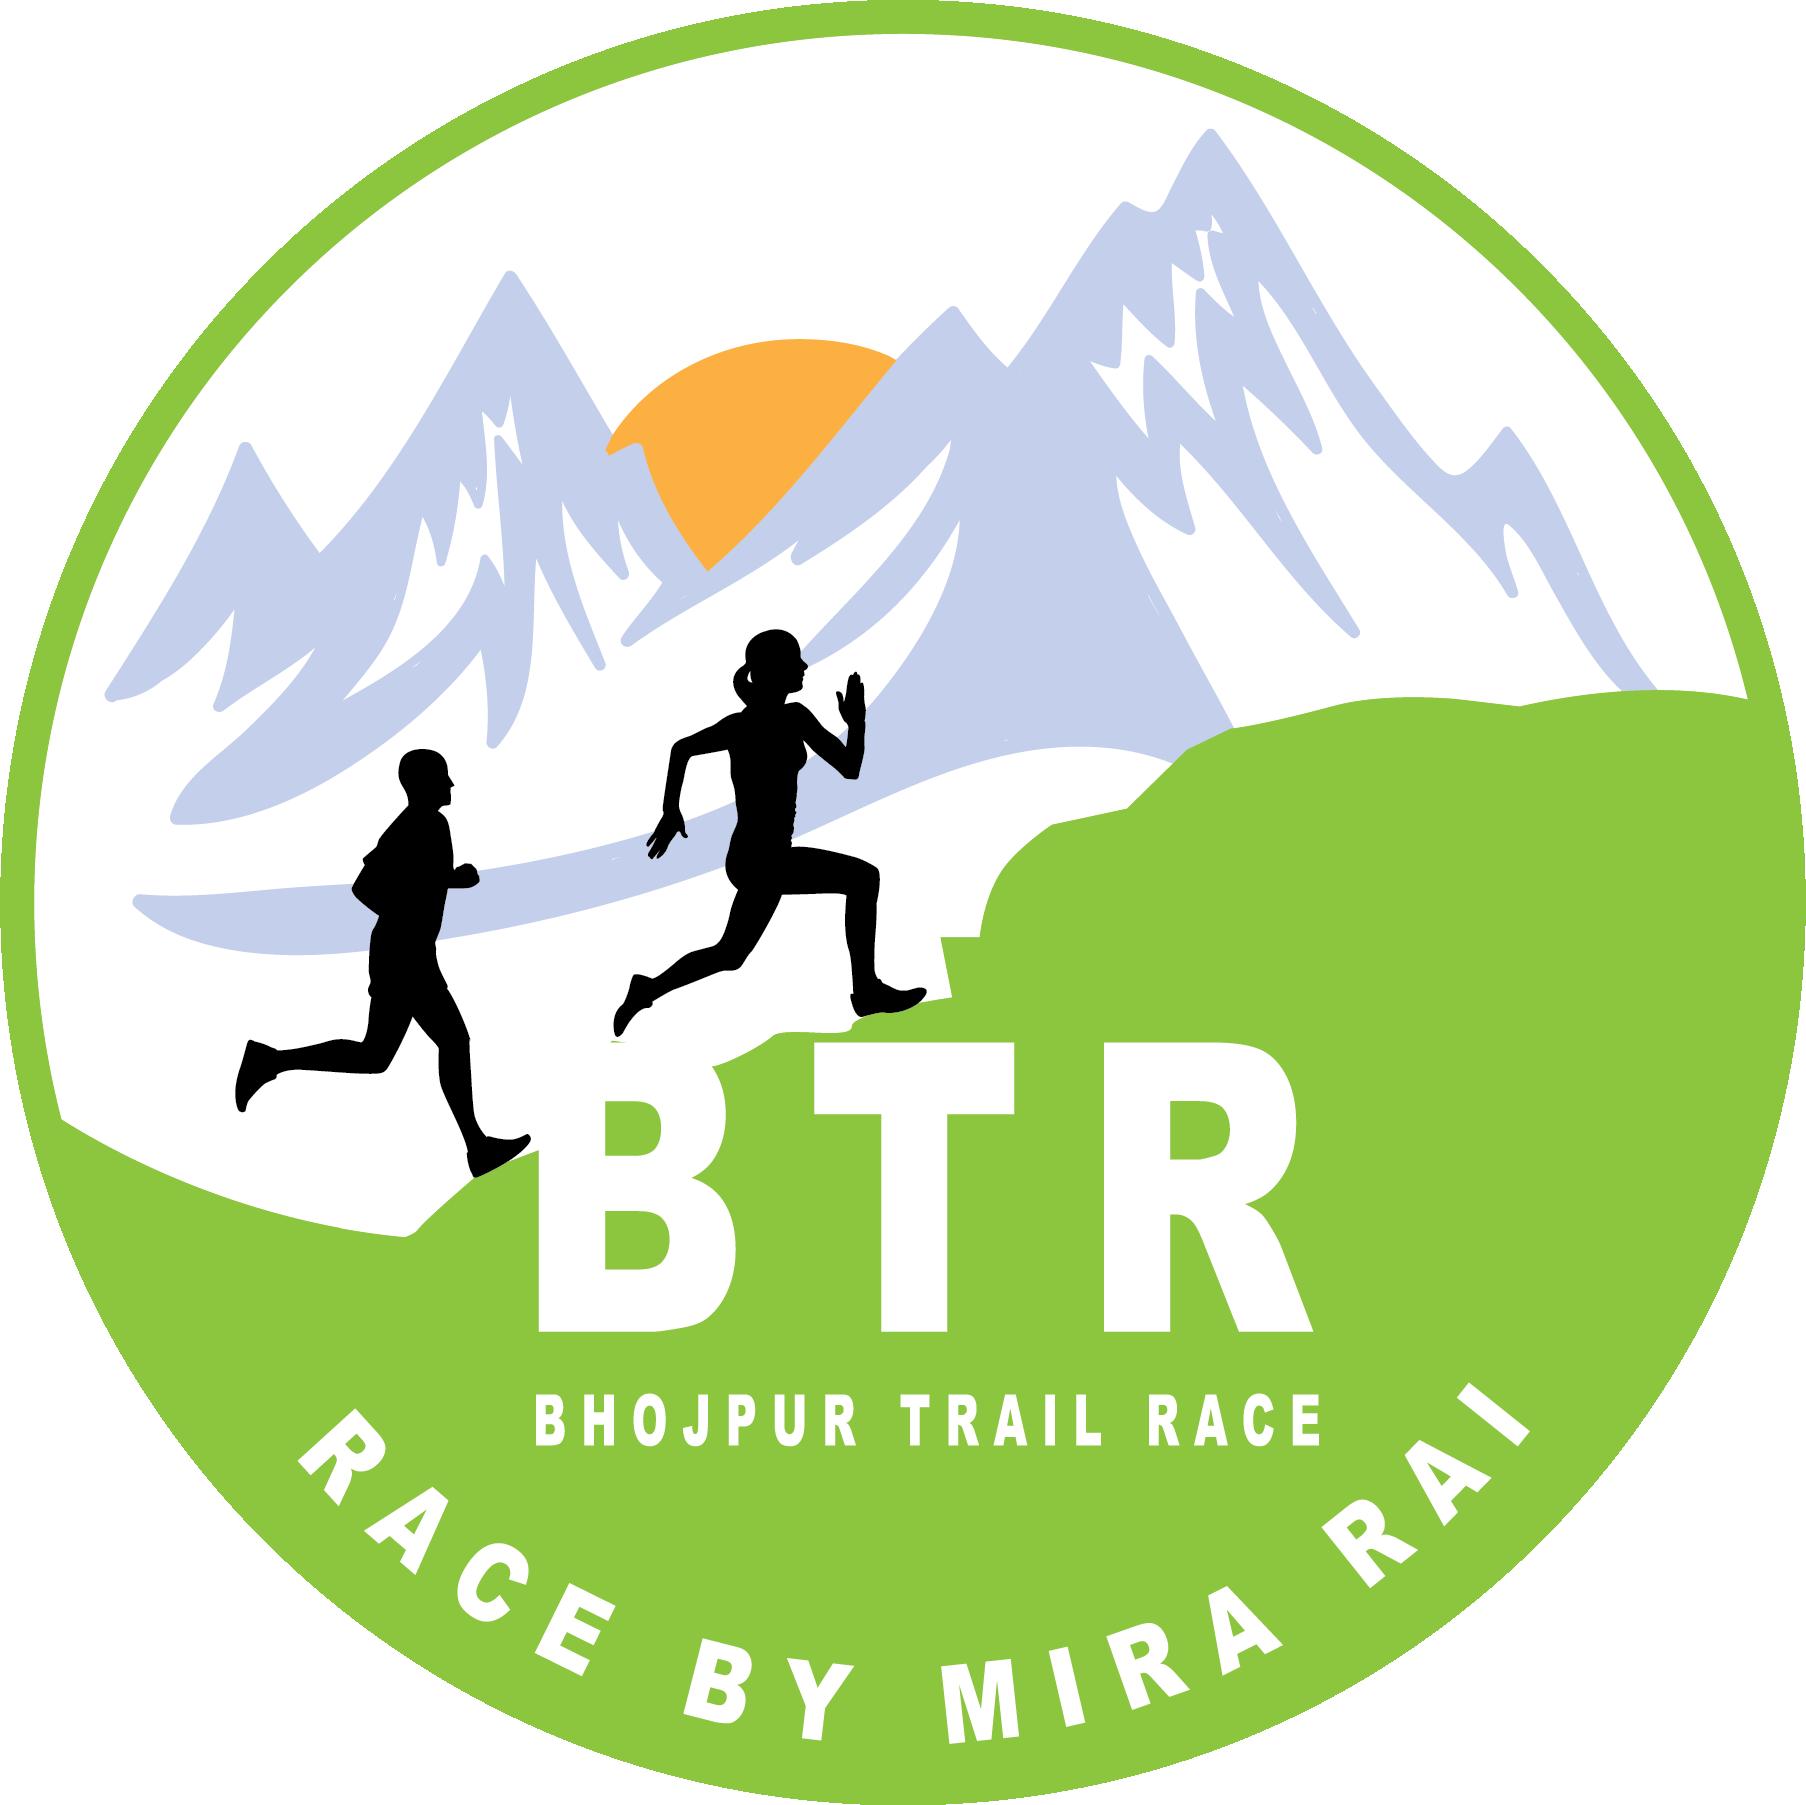 Bhojpur Trail Race